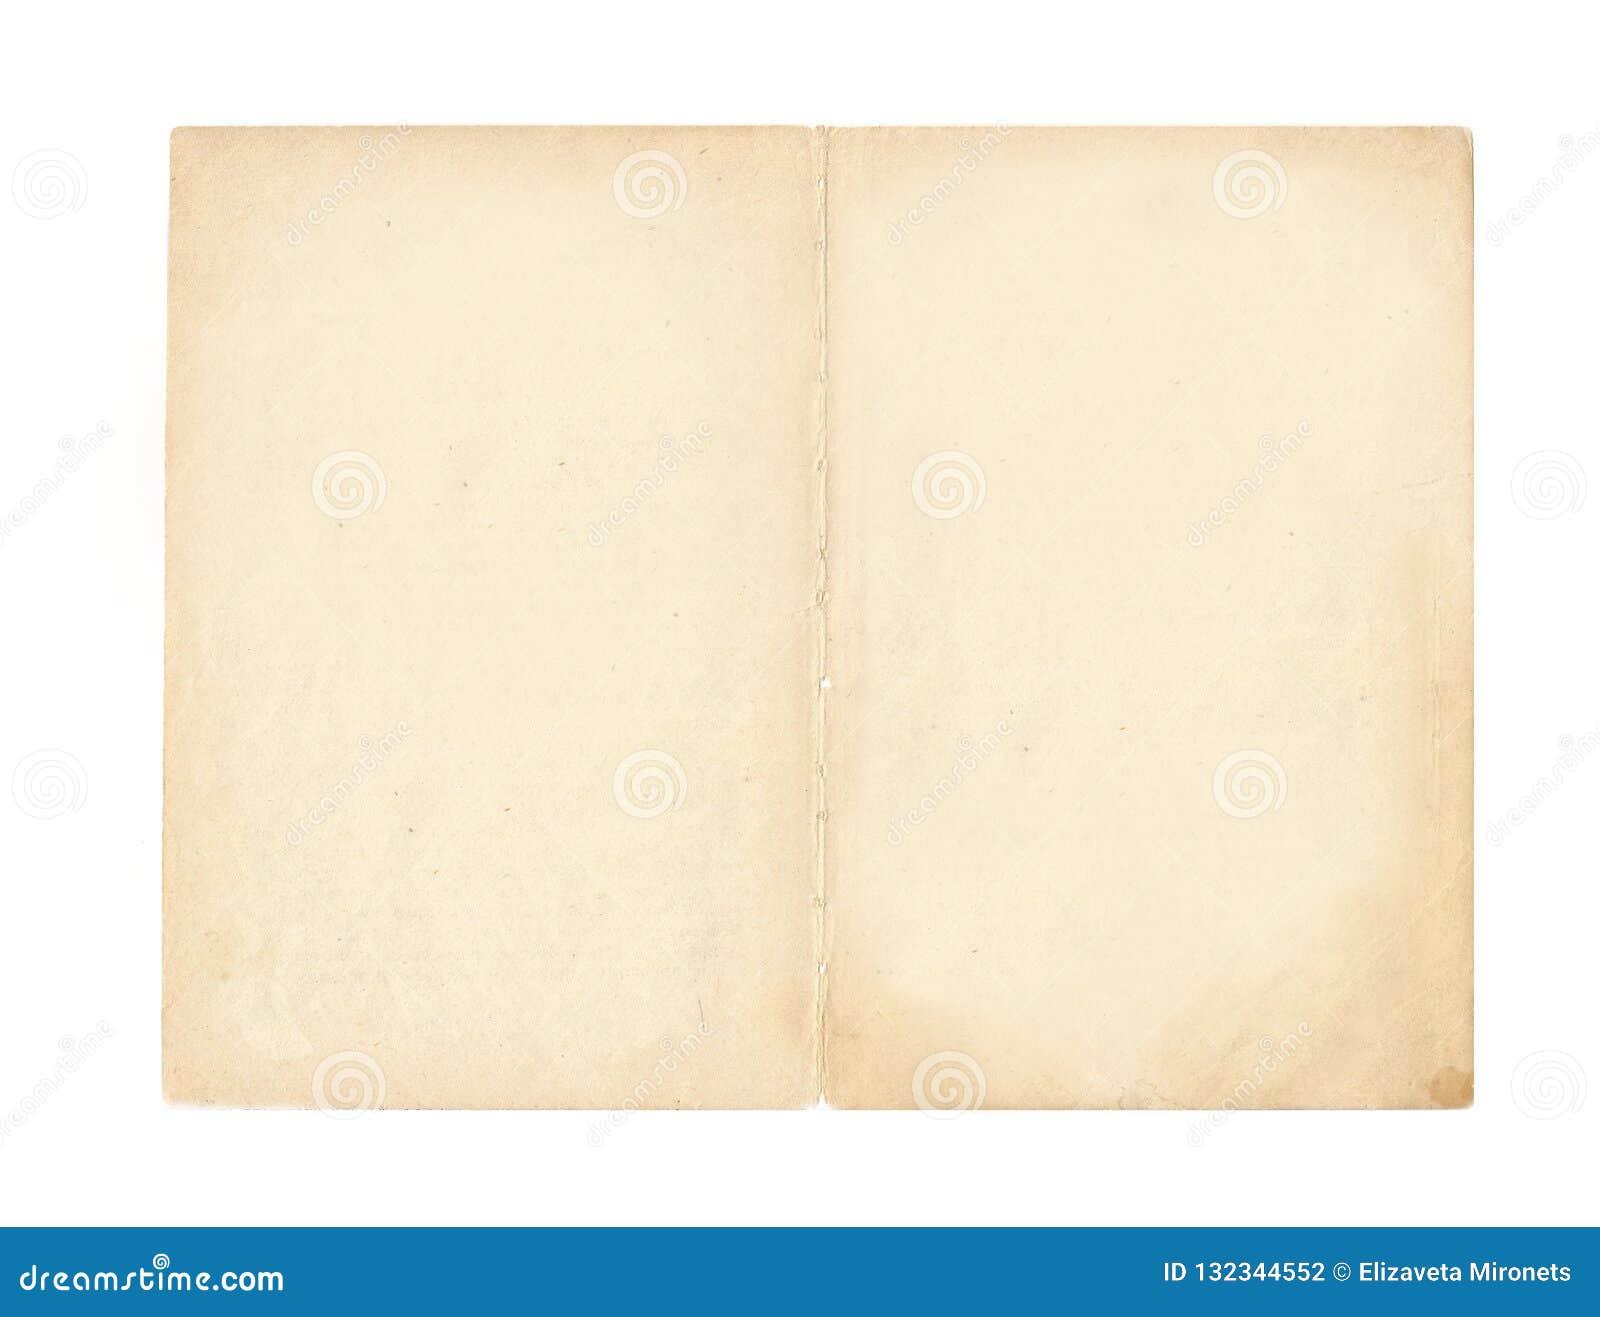 Verbreiten Sie vom Buch - eine alte gelb gefärbte Seite mit zackigen Rändern